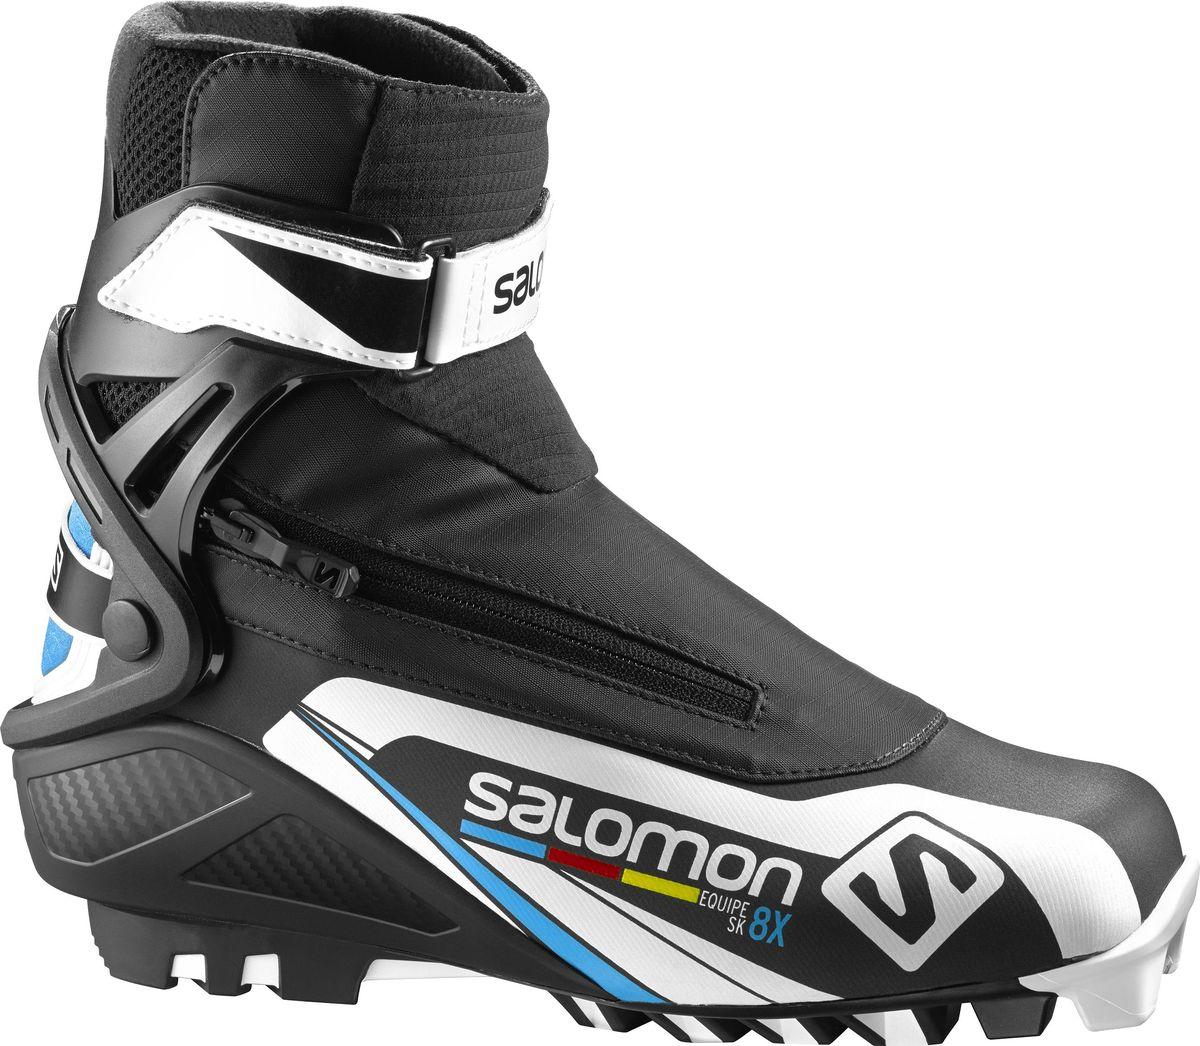 Ботинки для беговых лыж Salomon Equipe 8X Skate, цвет: черный. Размер 9,5 (42,5)L39187800В ботинках Salomon Equipe 8X Skate совмещены системы термоформовки Custom fit с инновационной раздельной системой быстрого шнурования для великолепного комфорта. Манжета Energyzer cuff обеспечит мощную и прогрессивную боковую поддержку. Ботинки созданы для любителей лыжного спорта, ценящих рабочие характеристики и желающих приобрести ботинки по доступной цене.